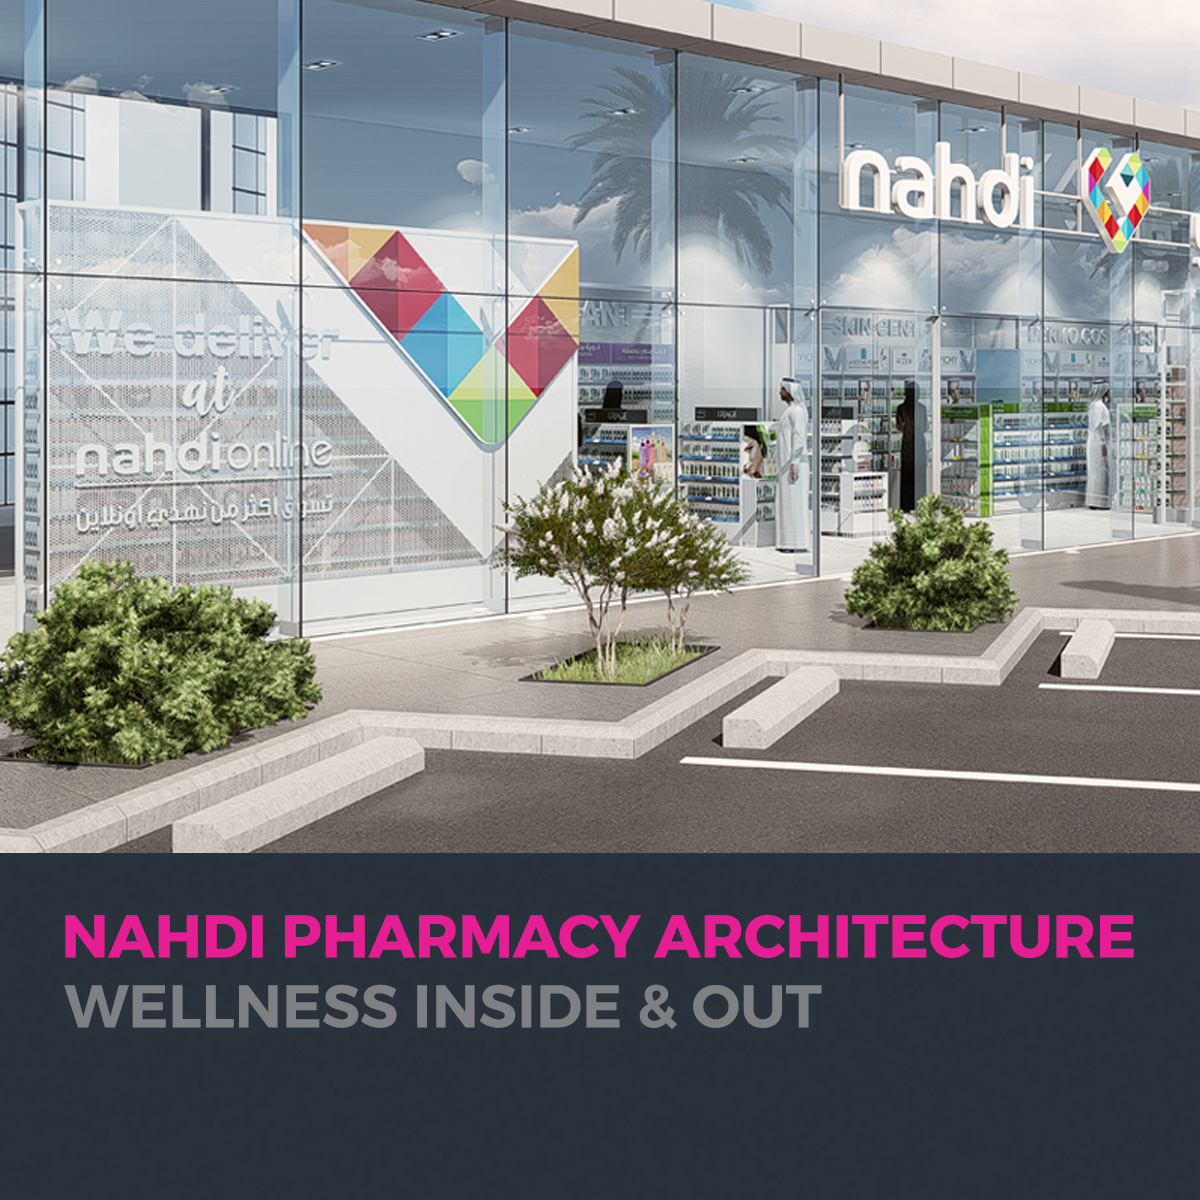 Nahdi architecture